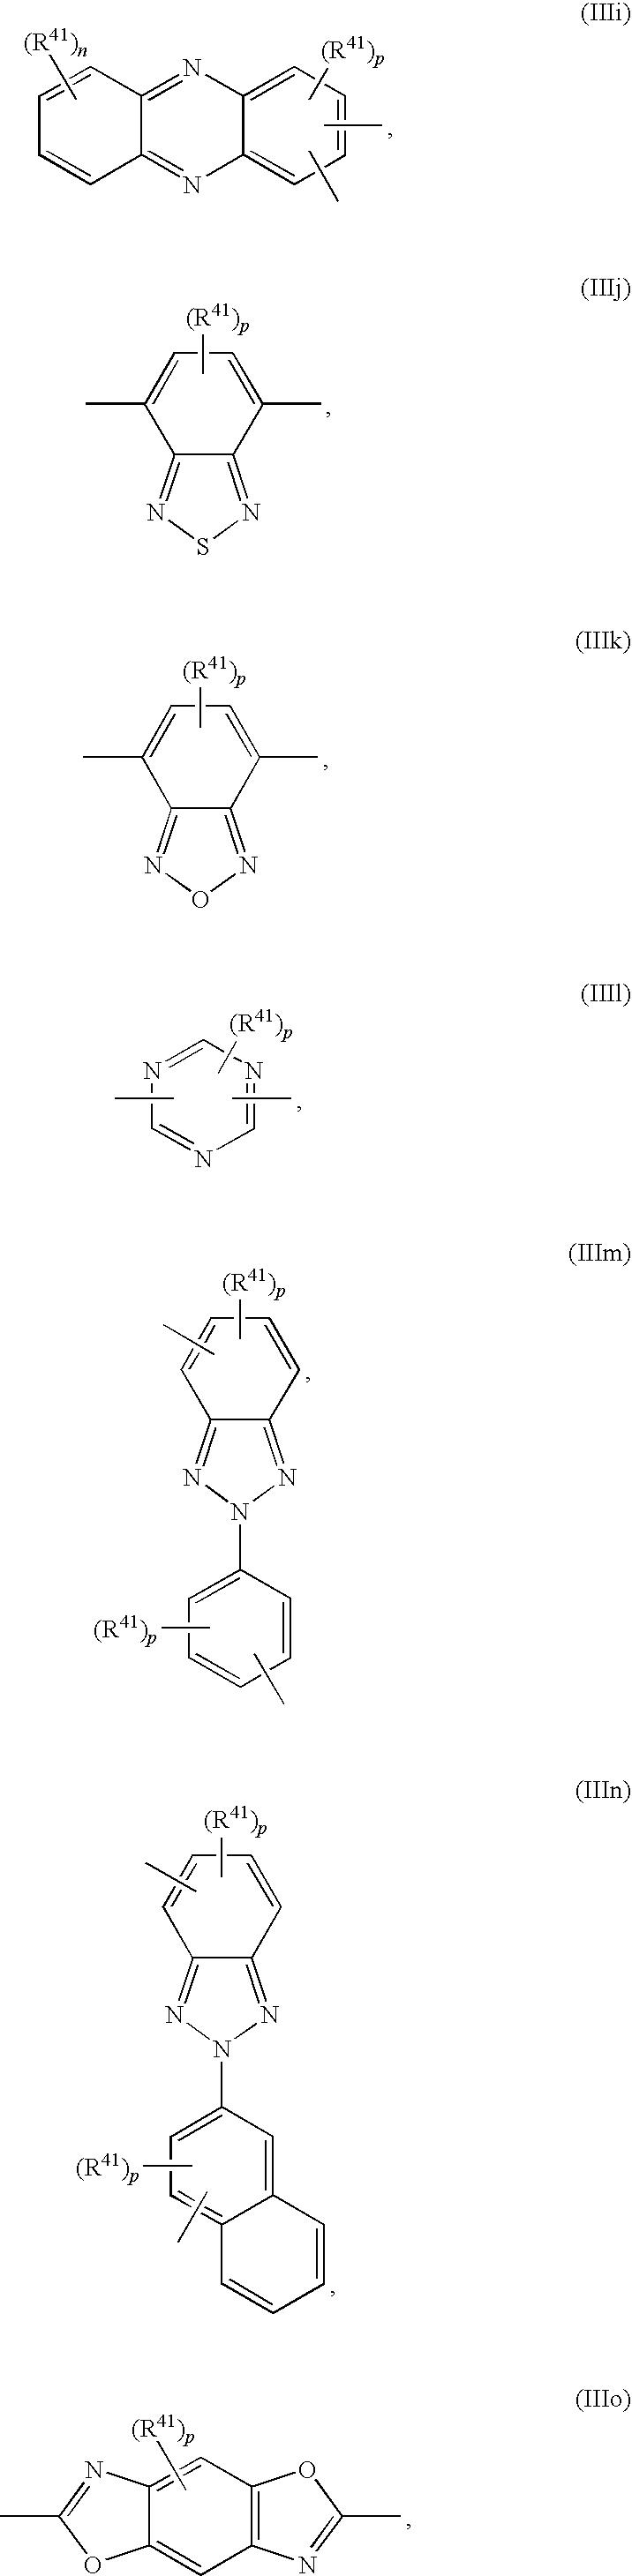 Figure US20090105447A1-20090423-C00047